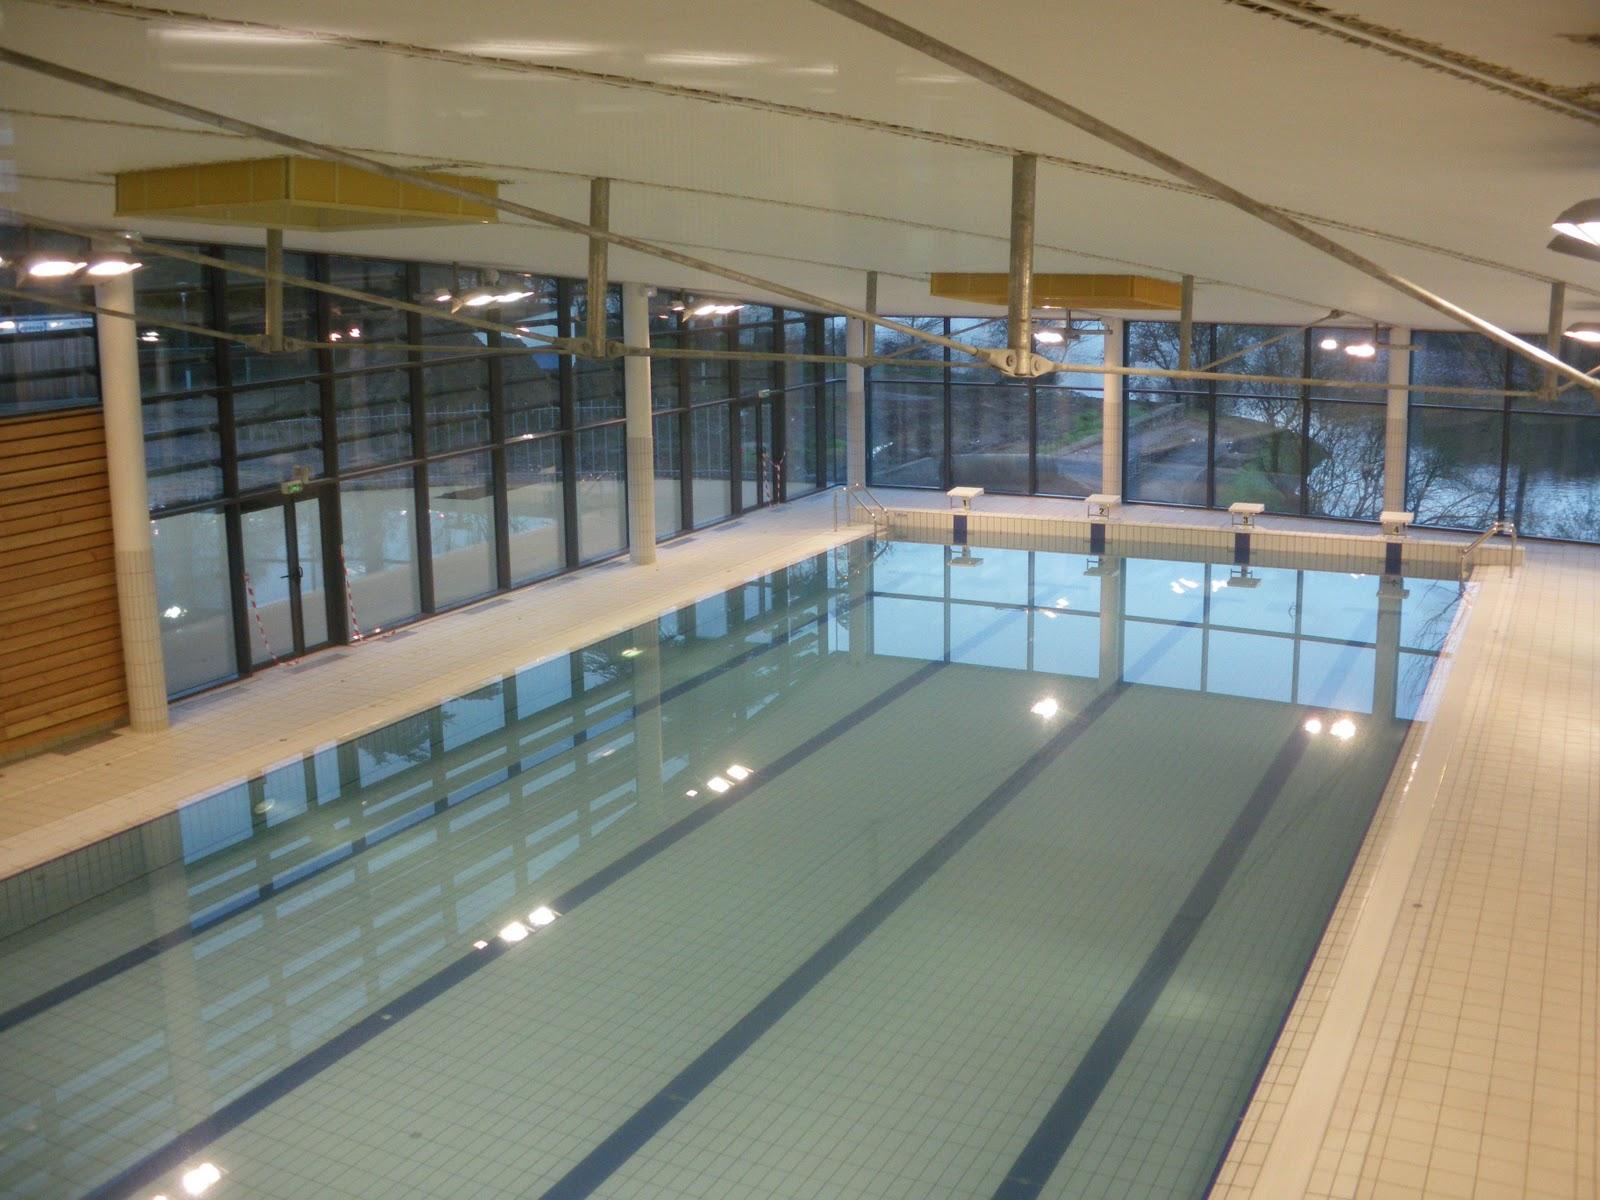 Chroniques du sillon de loire et d 39 ailleurs piscine for Piscine savenay